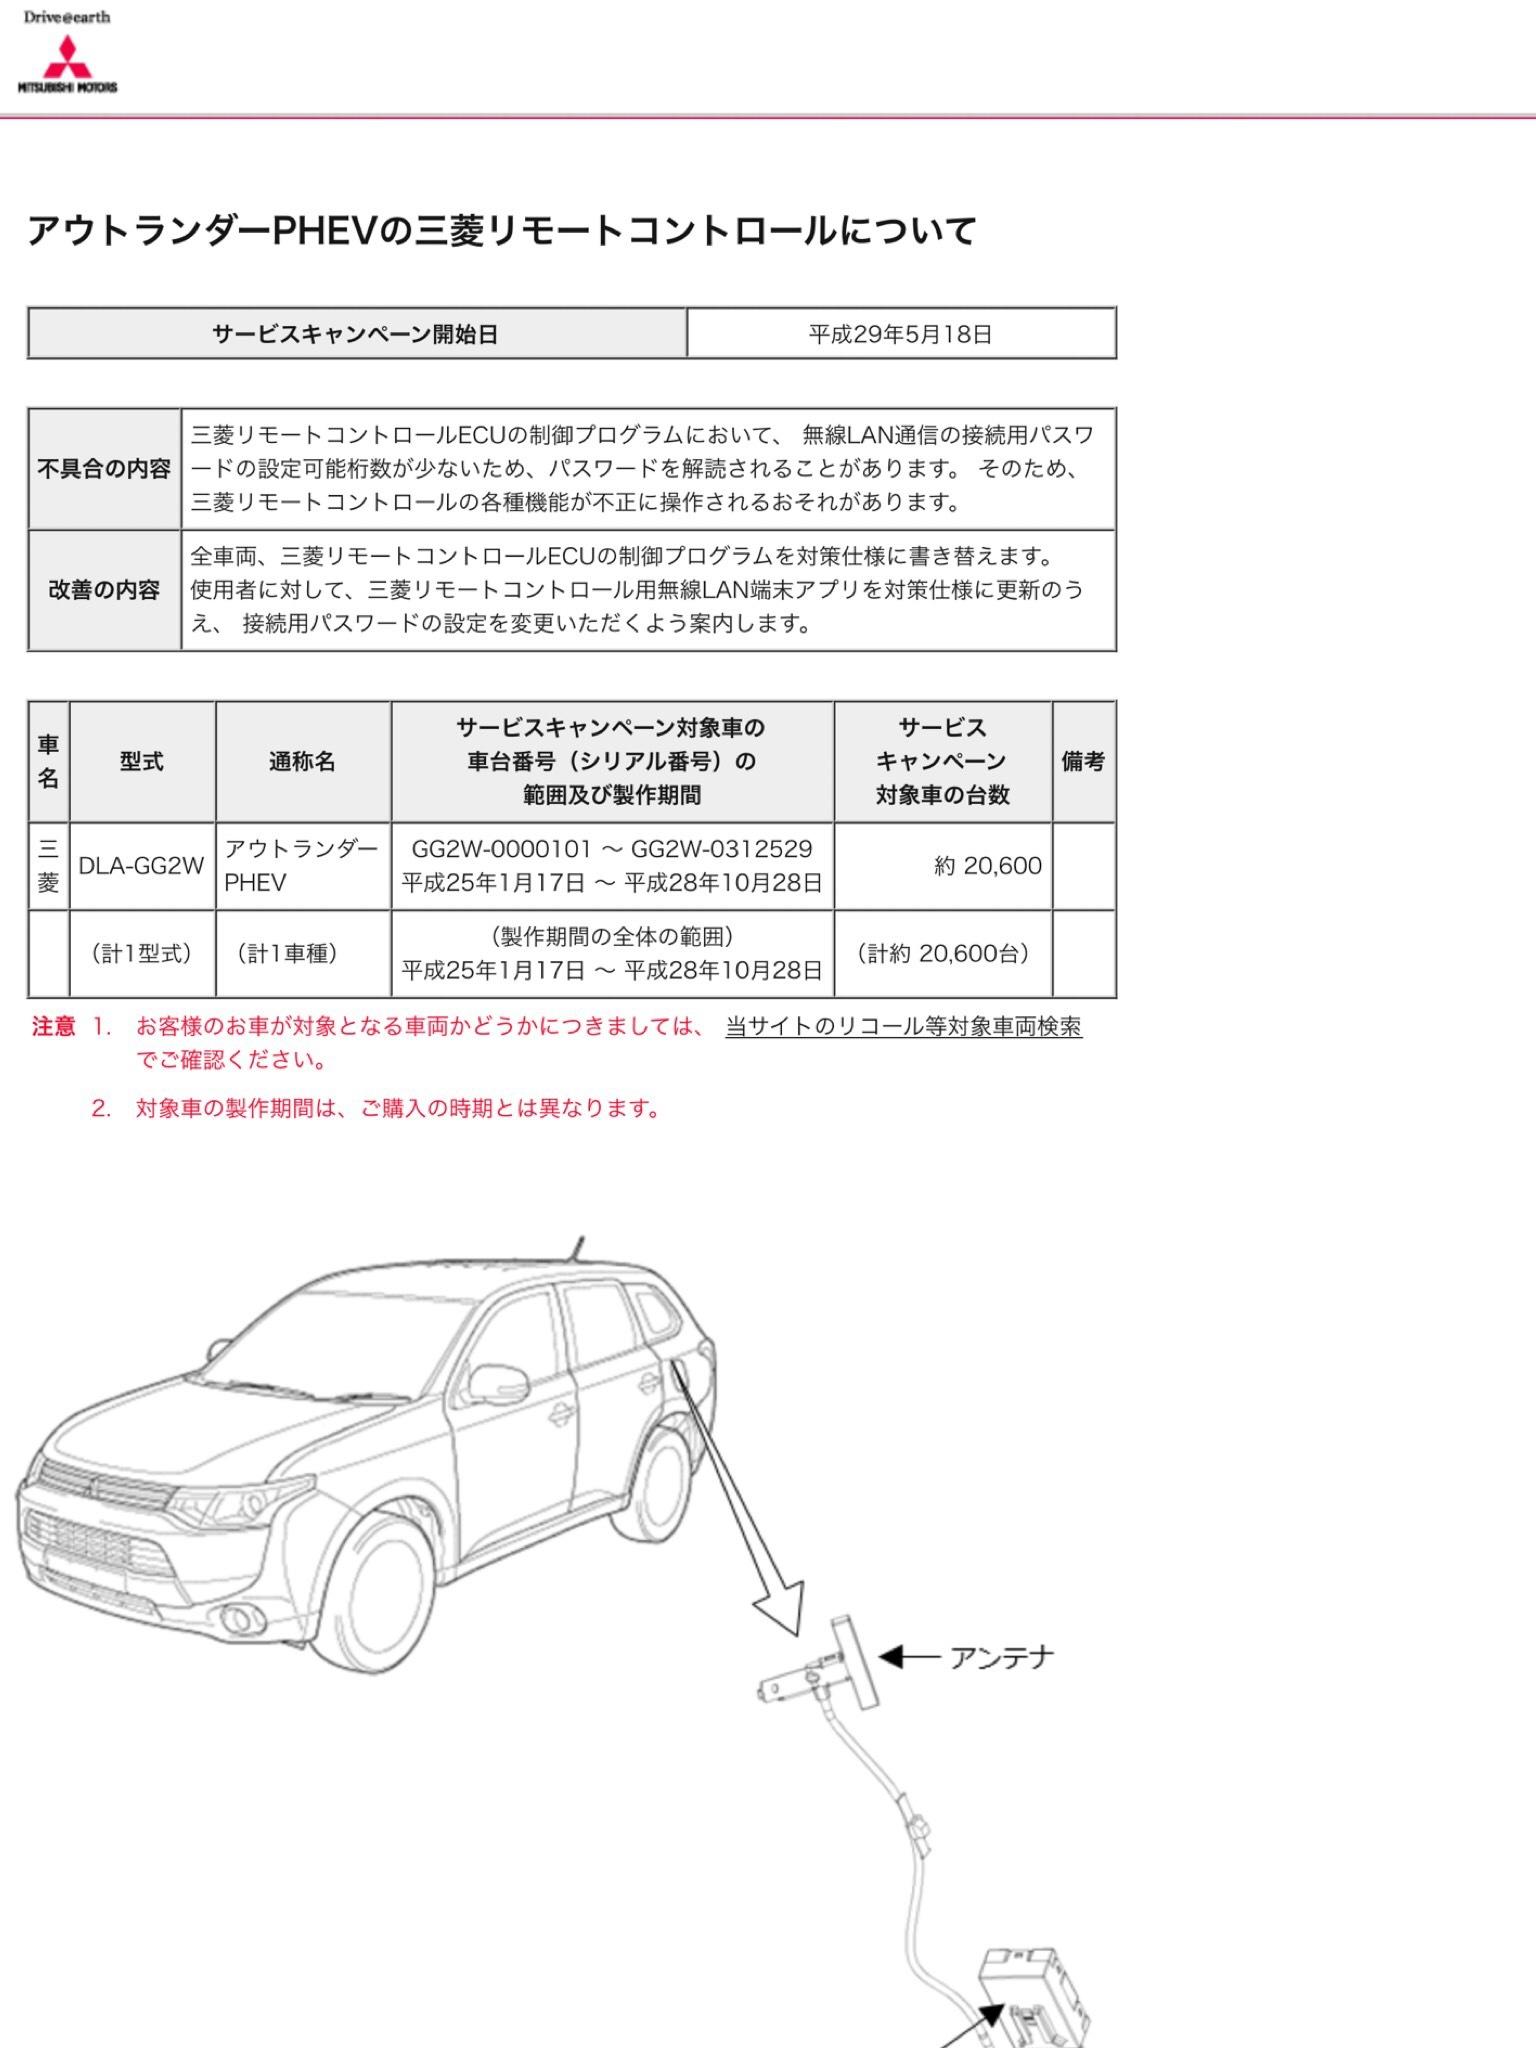 三菱アウトランダーPHEV サービスキャンペーン リモートコントロール セキュリティー